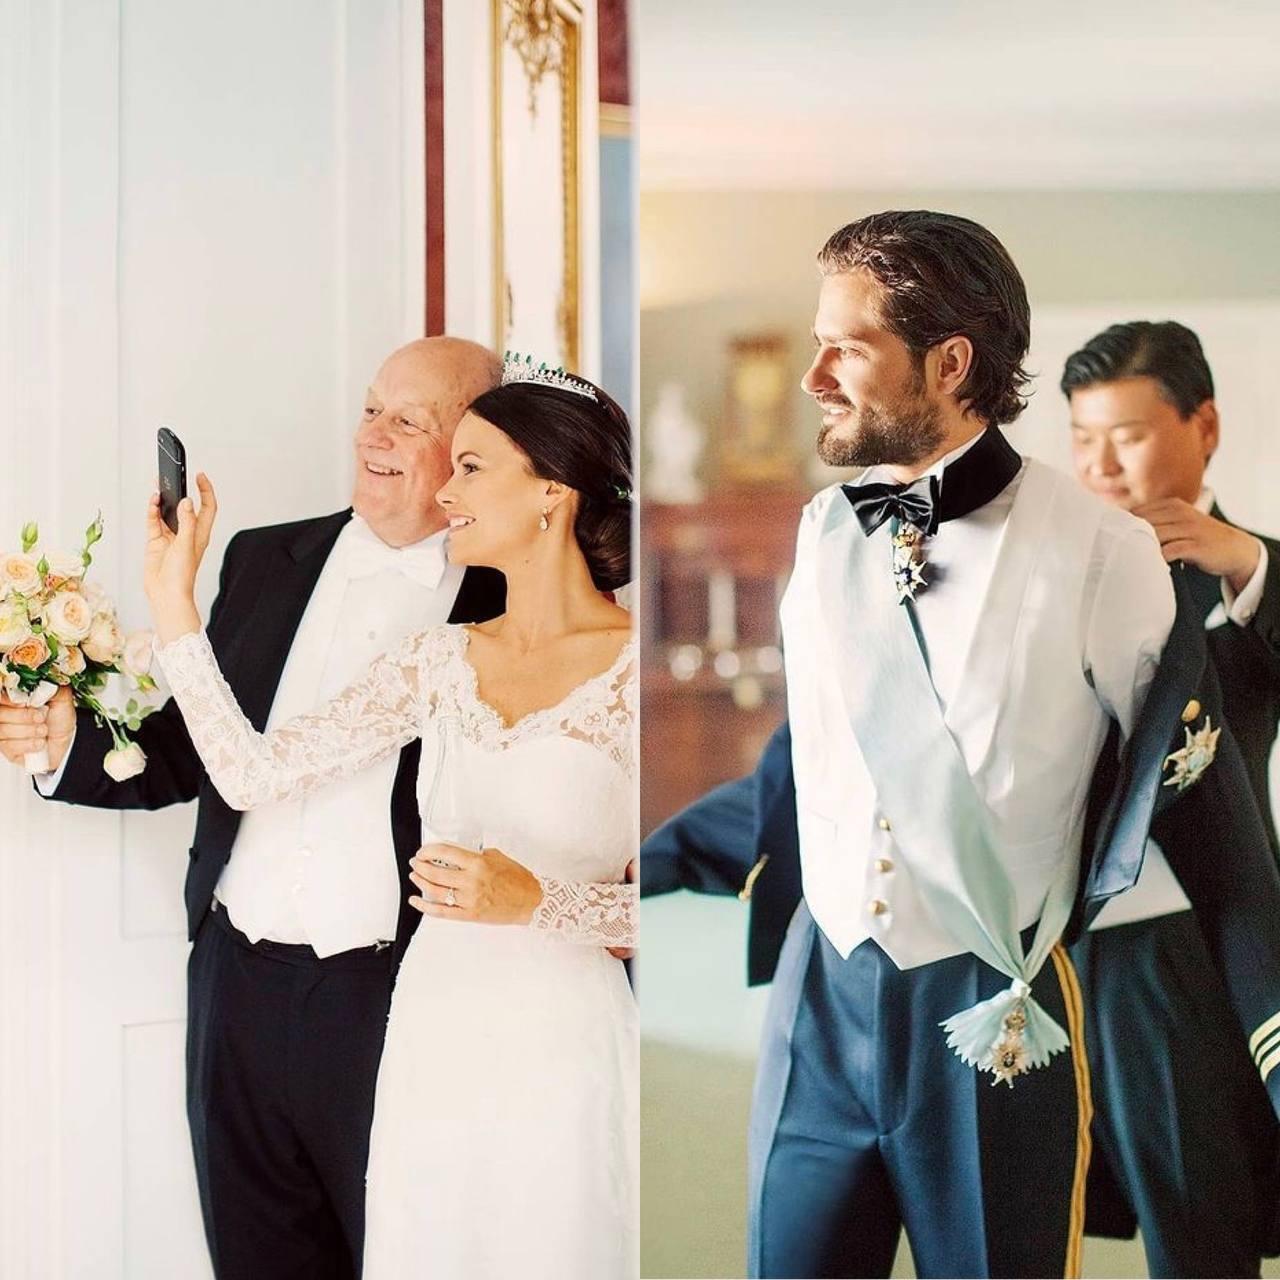 Весілля принца Карла Філіпа і принцеси Софії